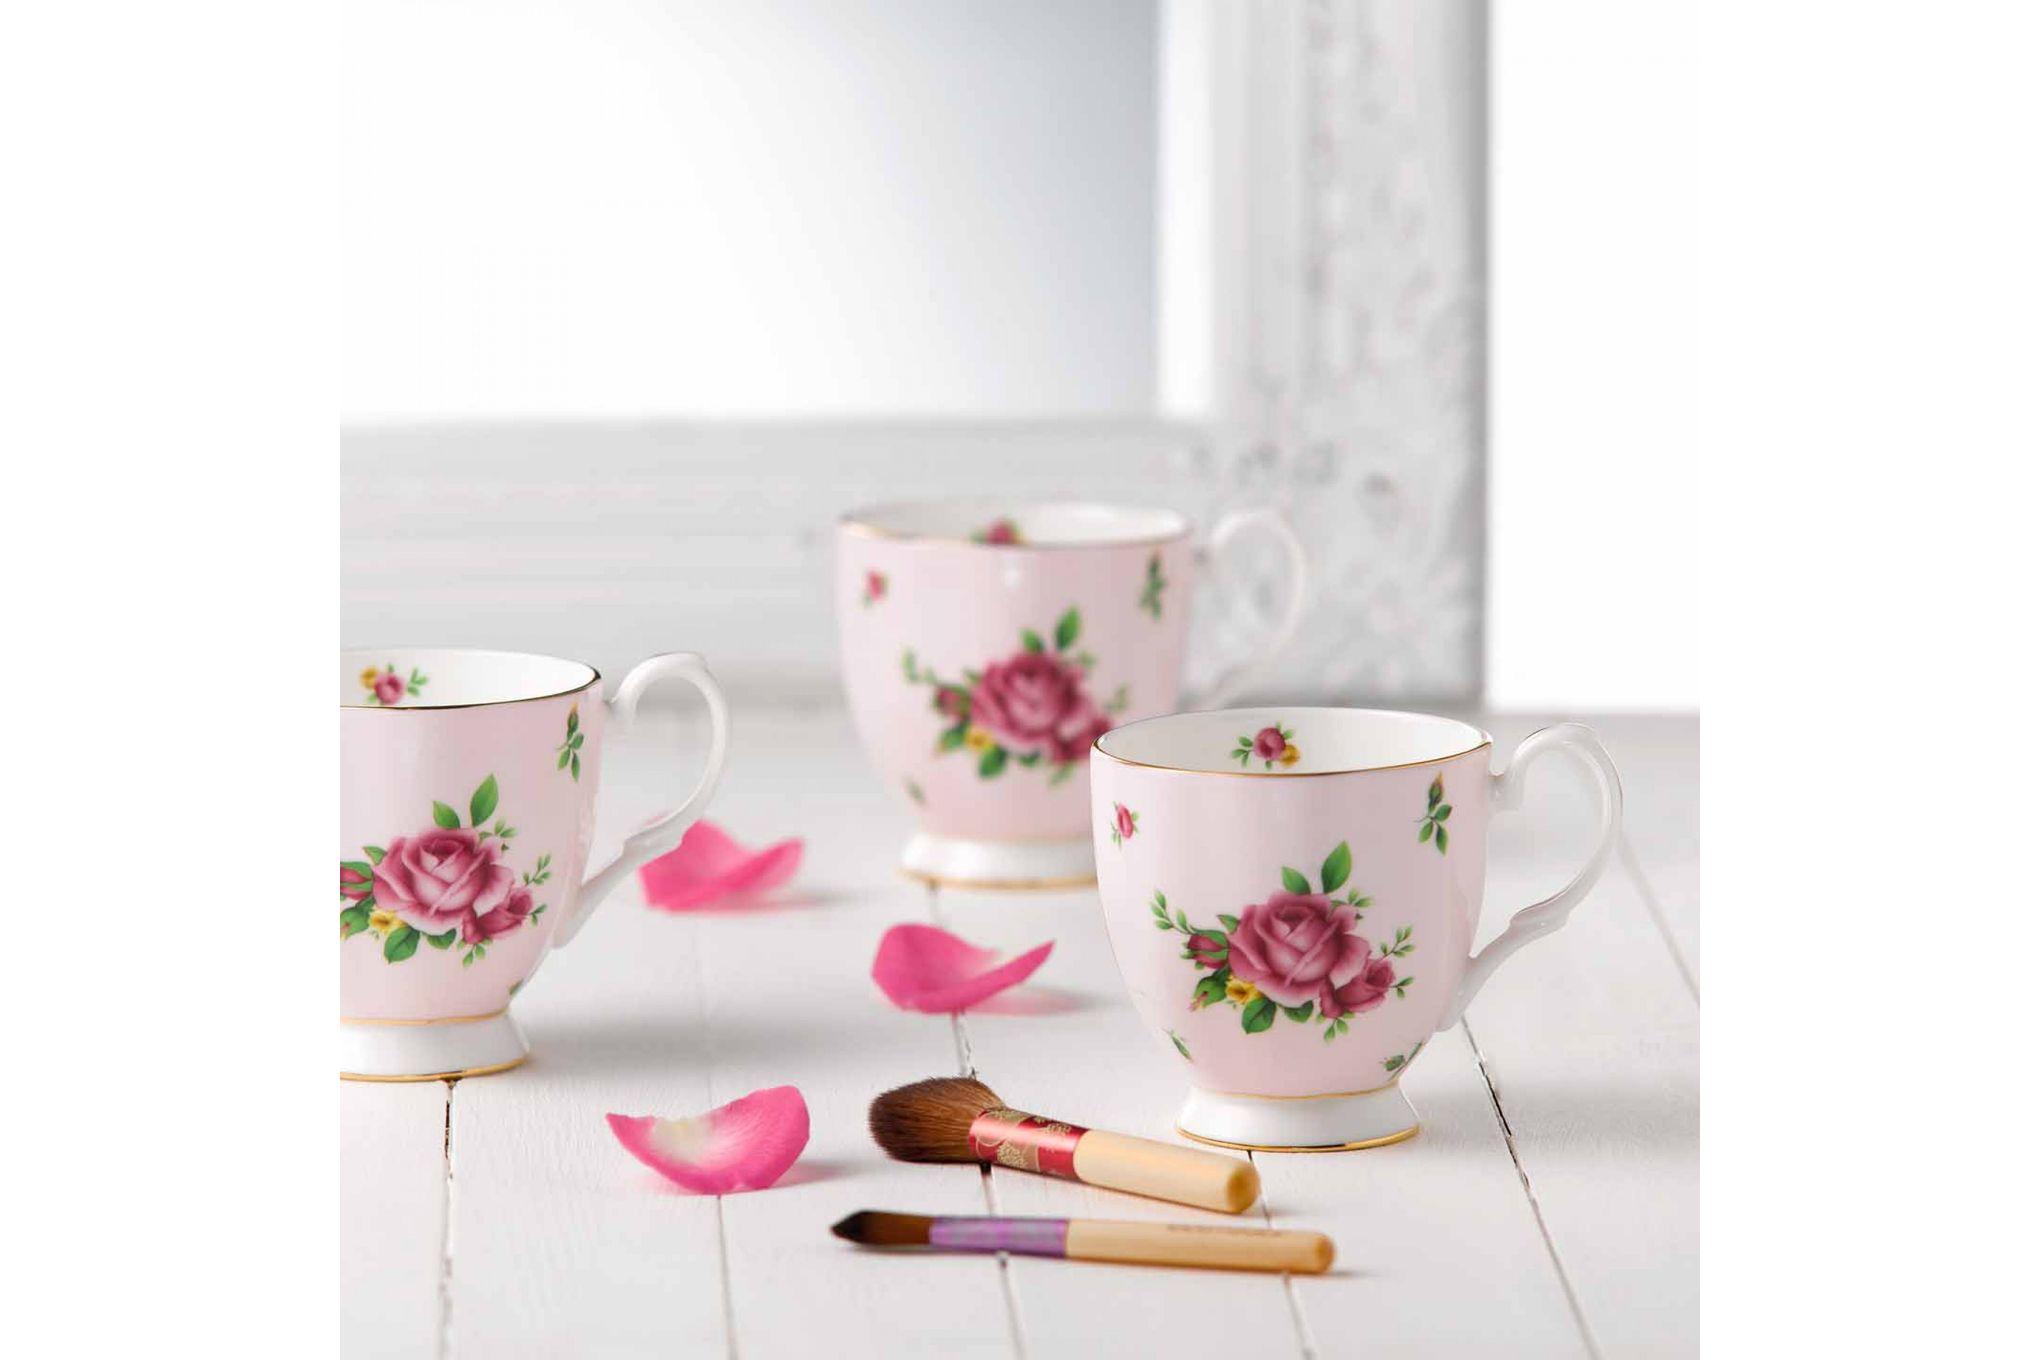 Royal Albert New Country Roses Pink Mug Footed 0.3l thumb 4